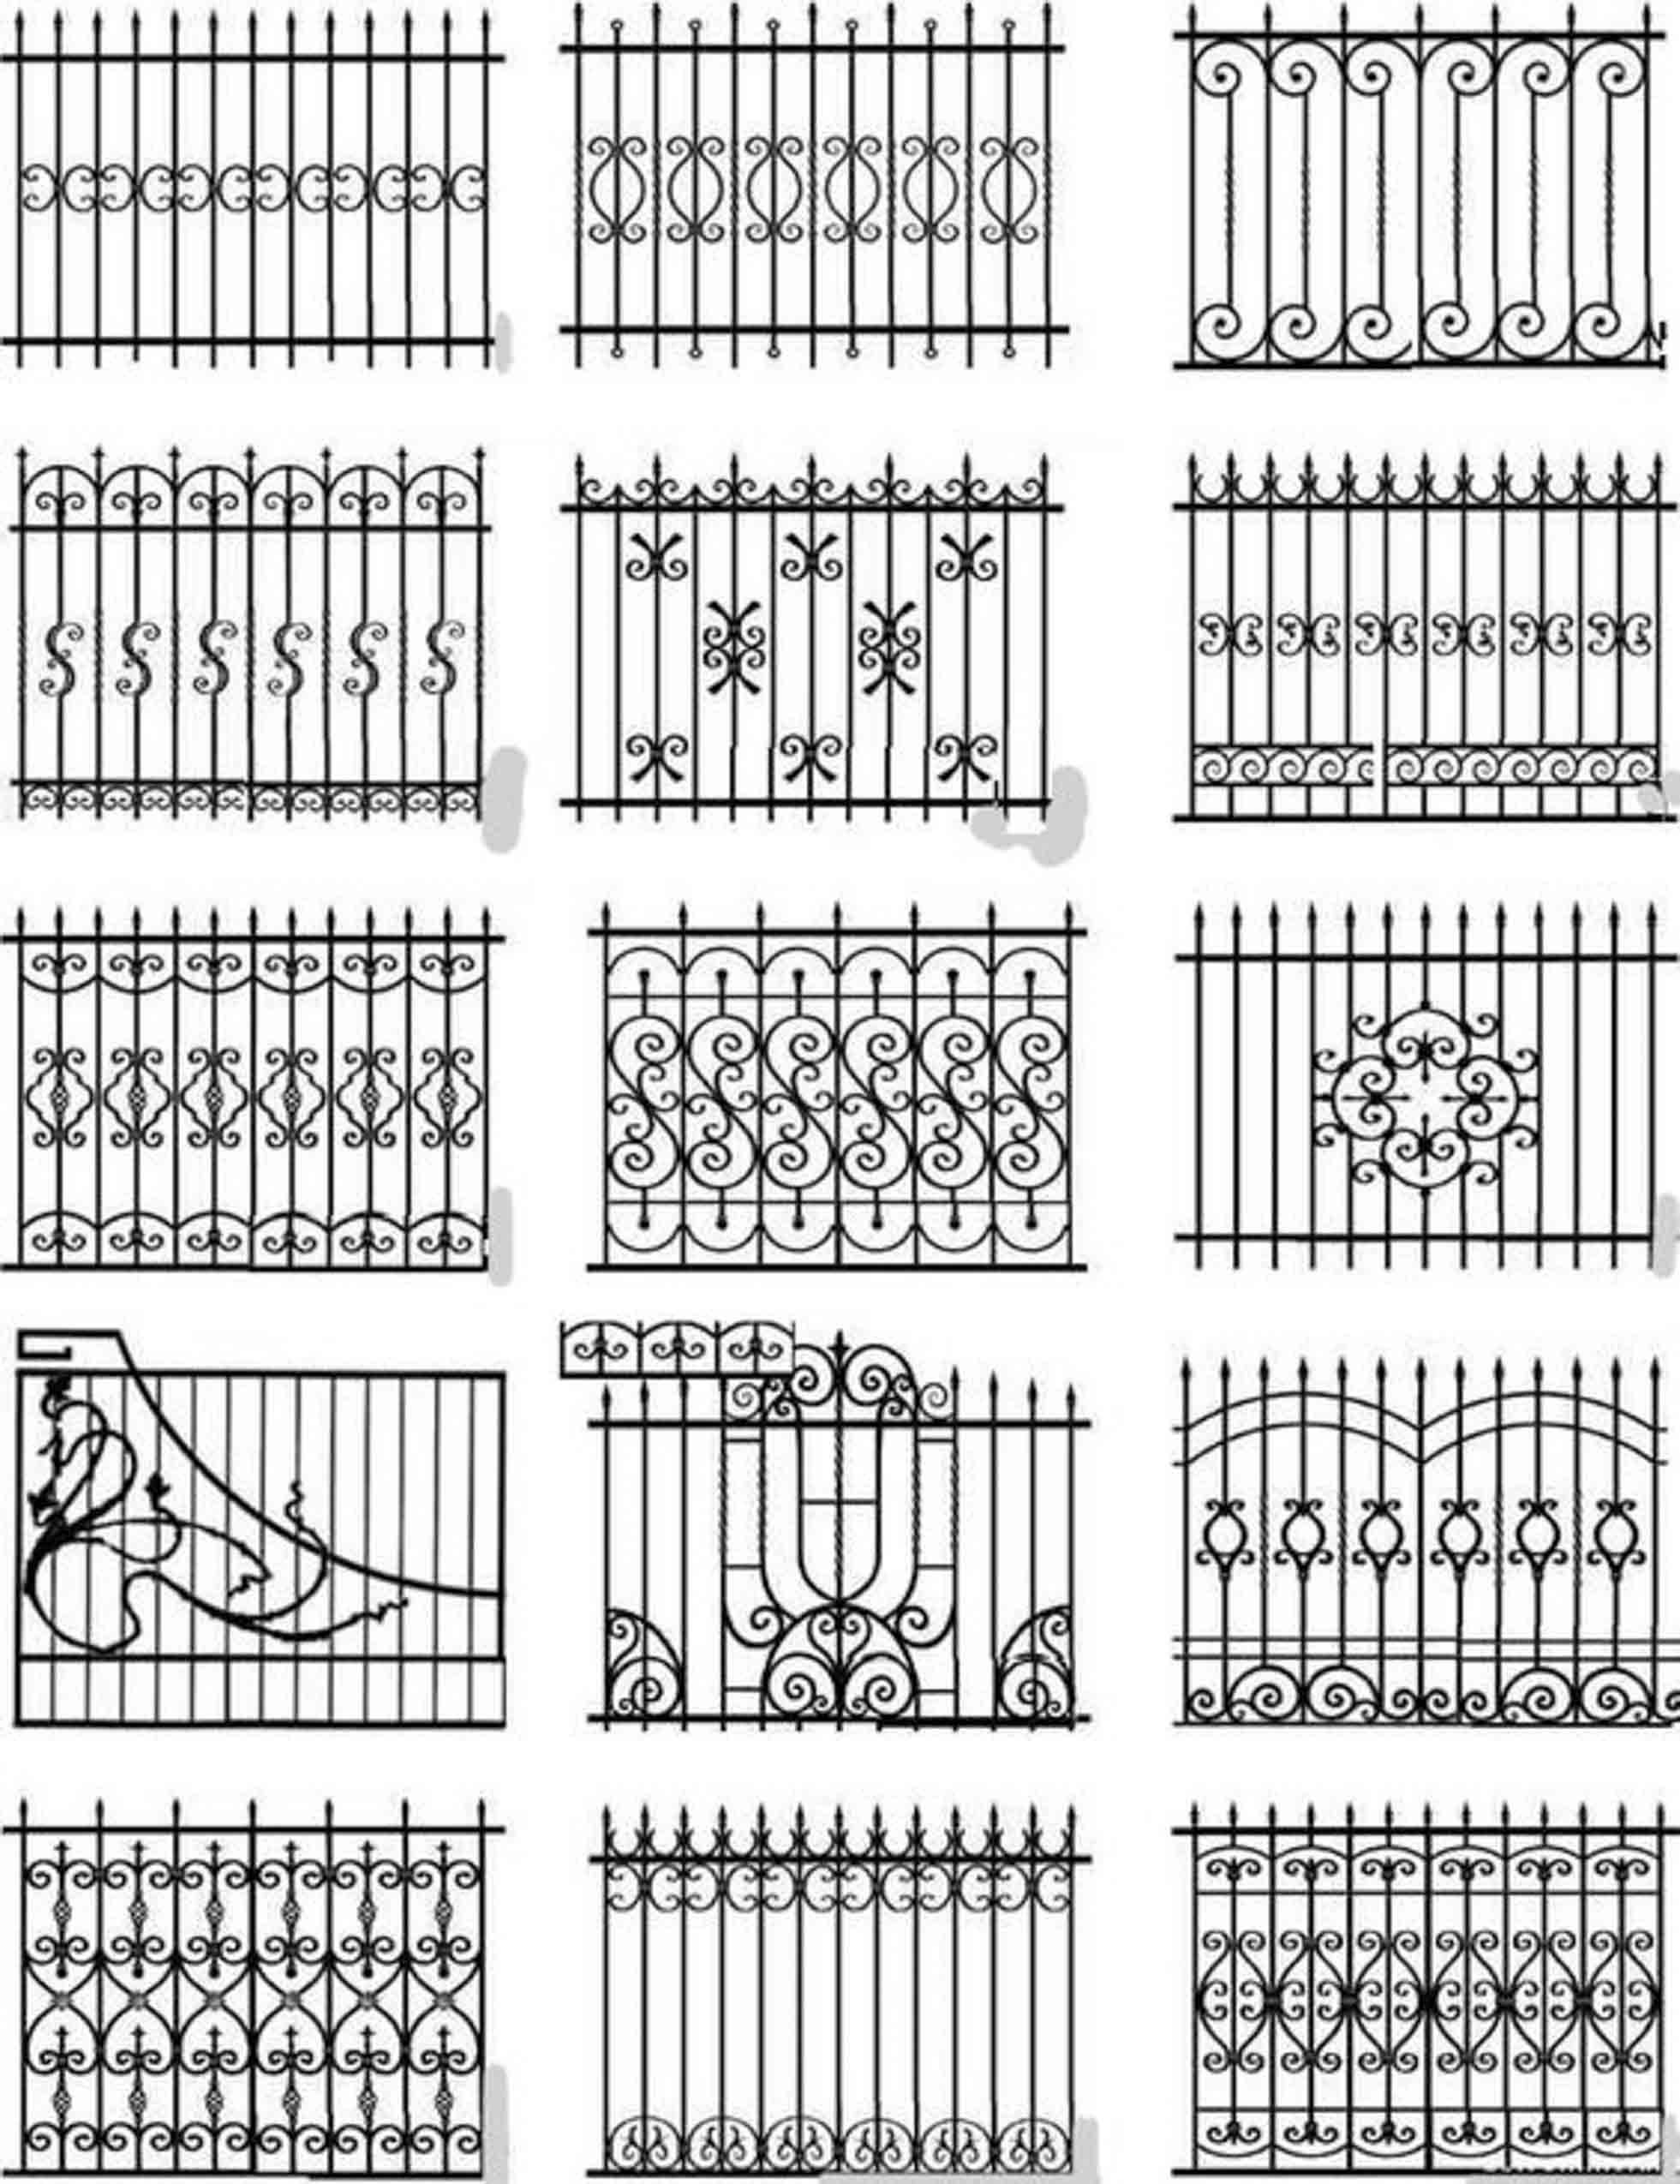 Заборы металлические, кованые, с профлиста, блок-хаус, решетчатые. фото 8